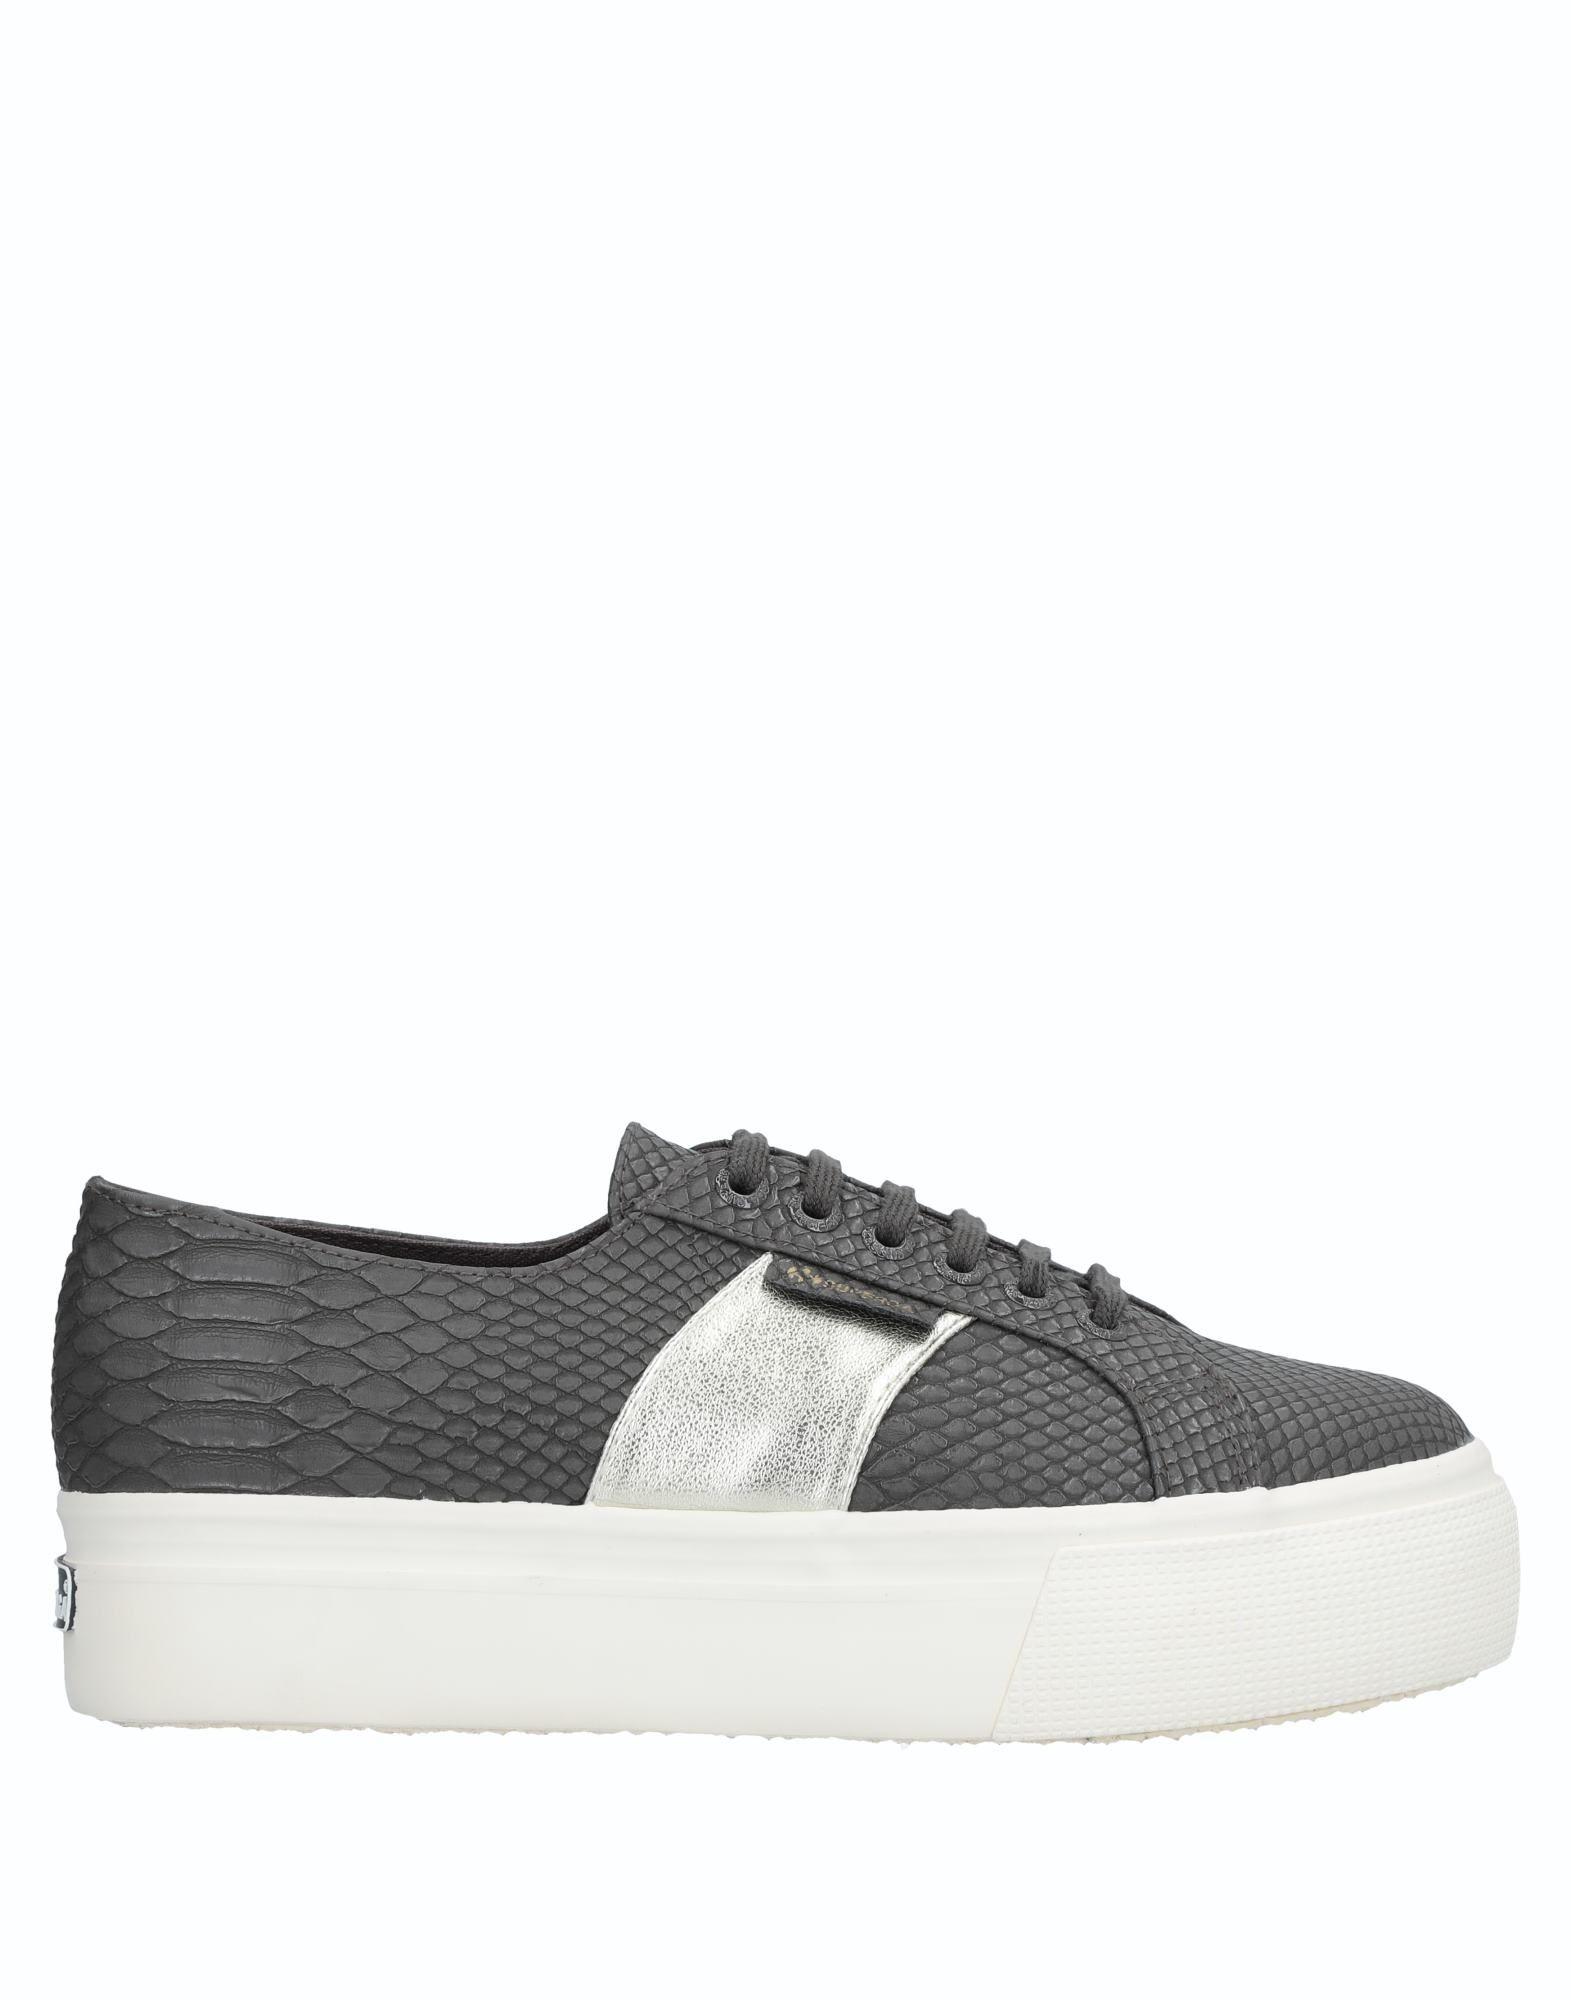 Superga® Sneakers Damen  11538116CC Gute Qualität beliebte Schuhe